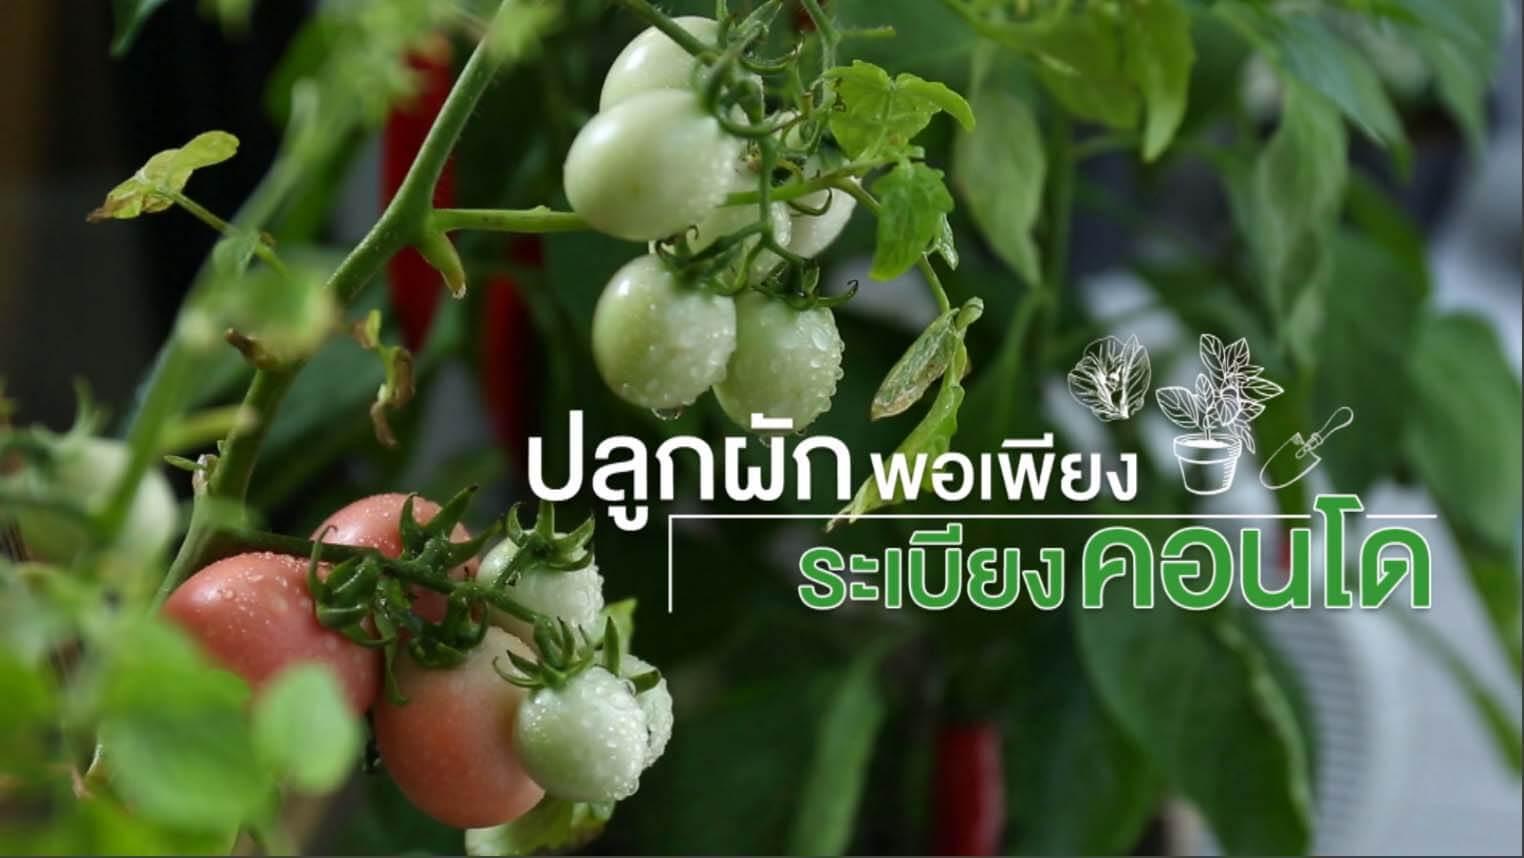 ปลูกผักพอเพียง ระเบียงคอนโด Healthy Living By AssetWise